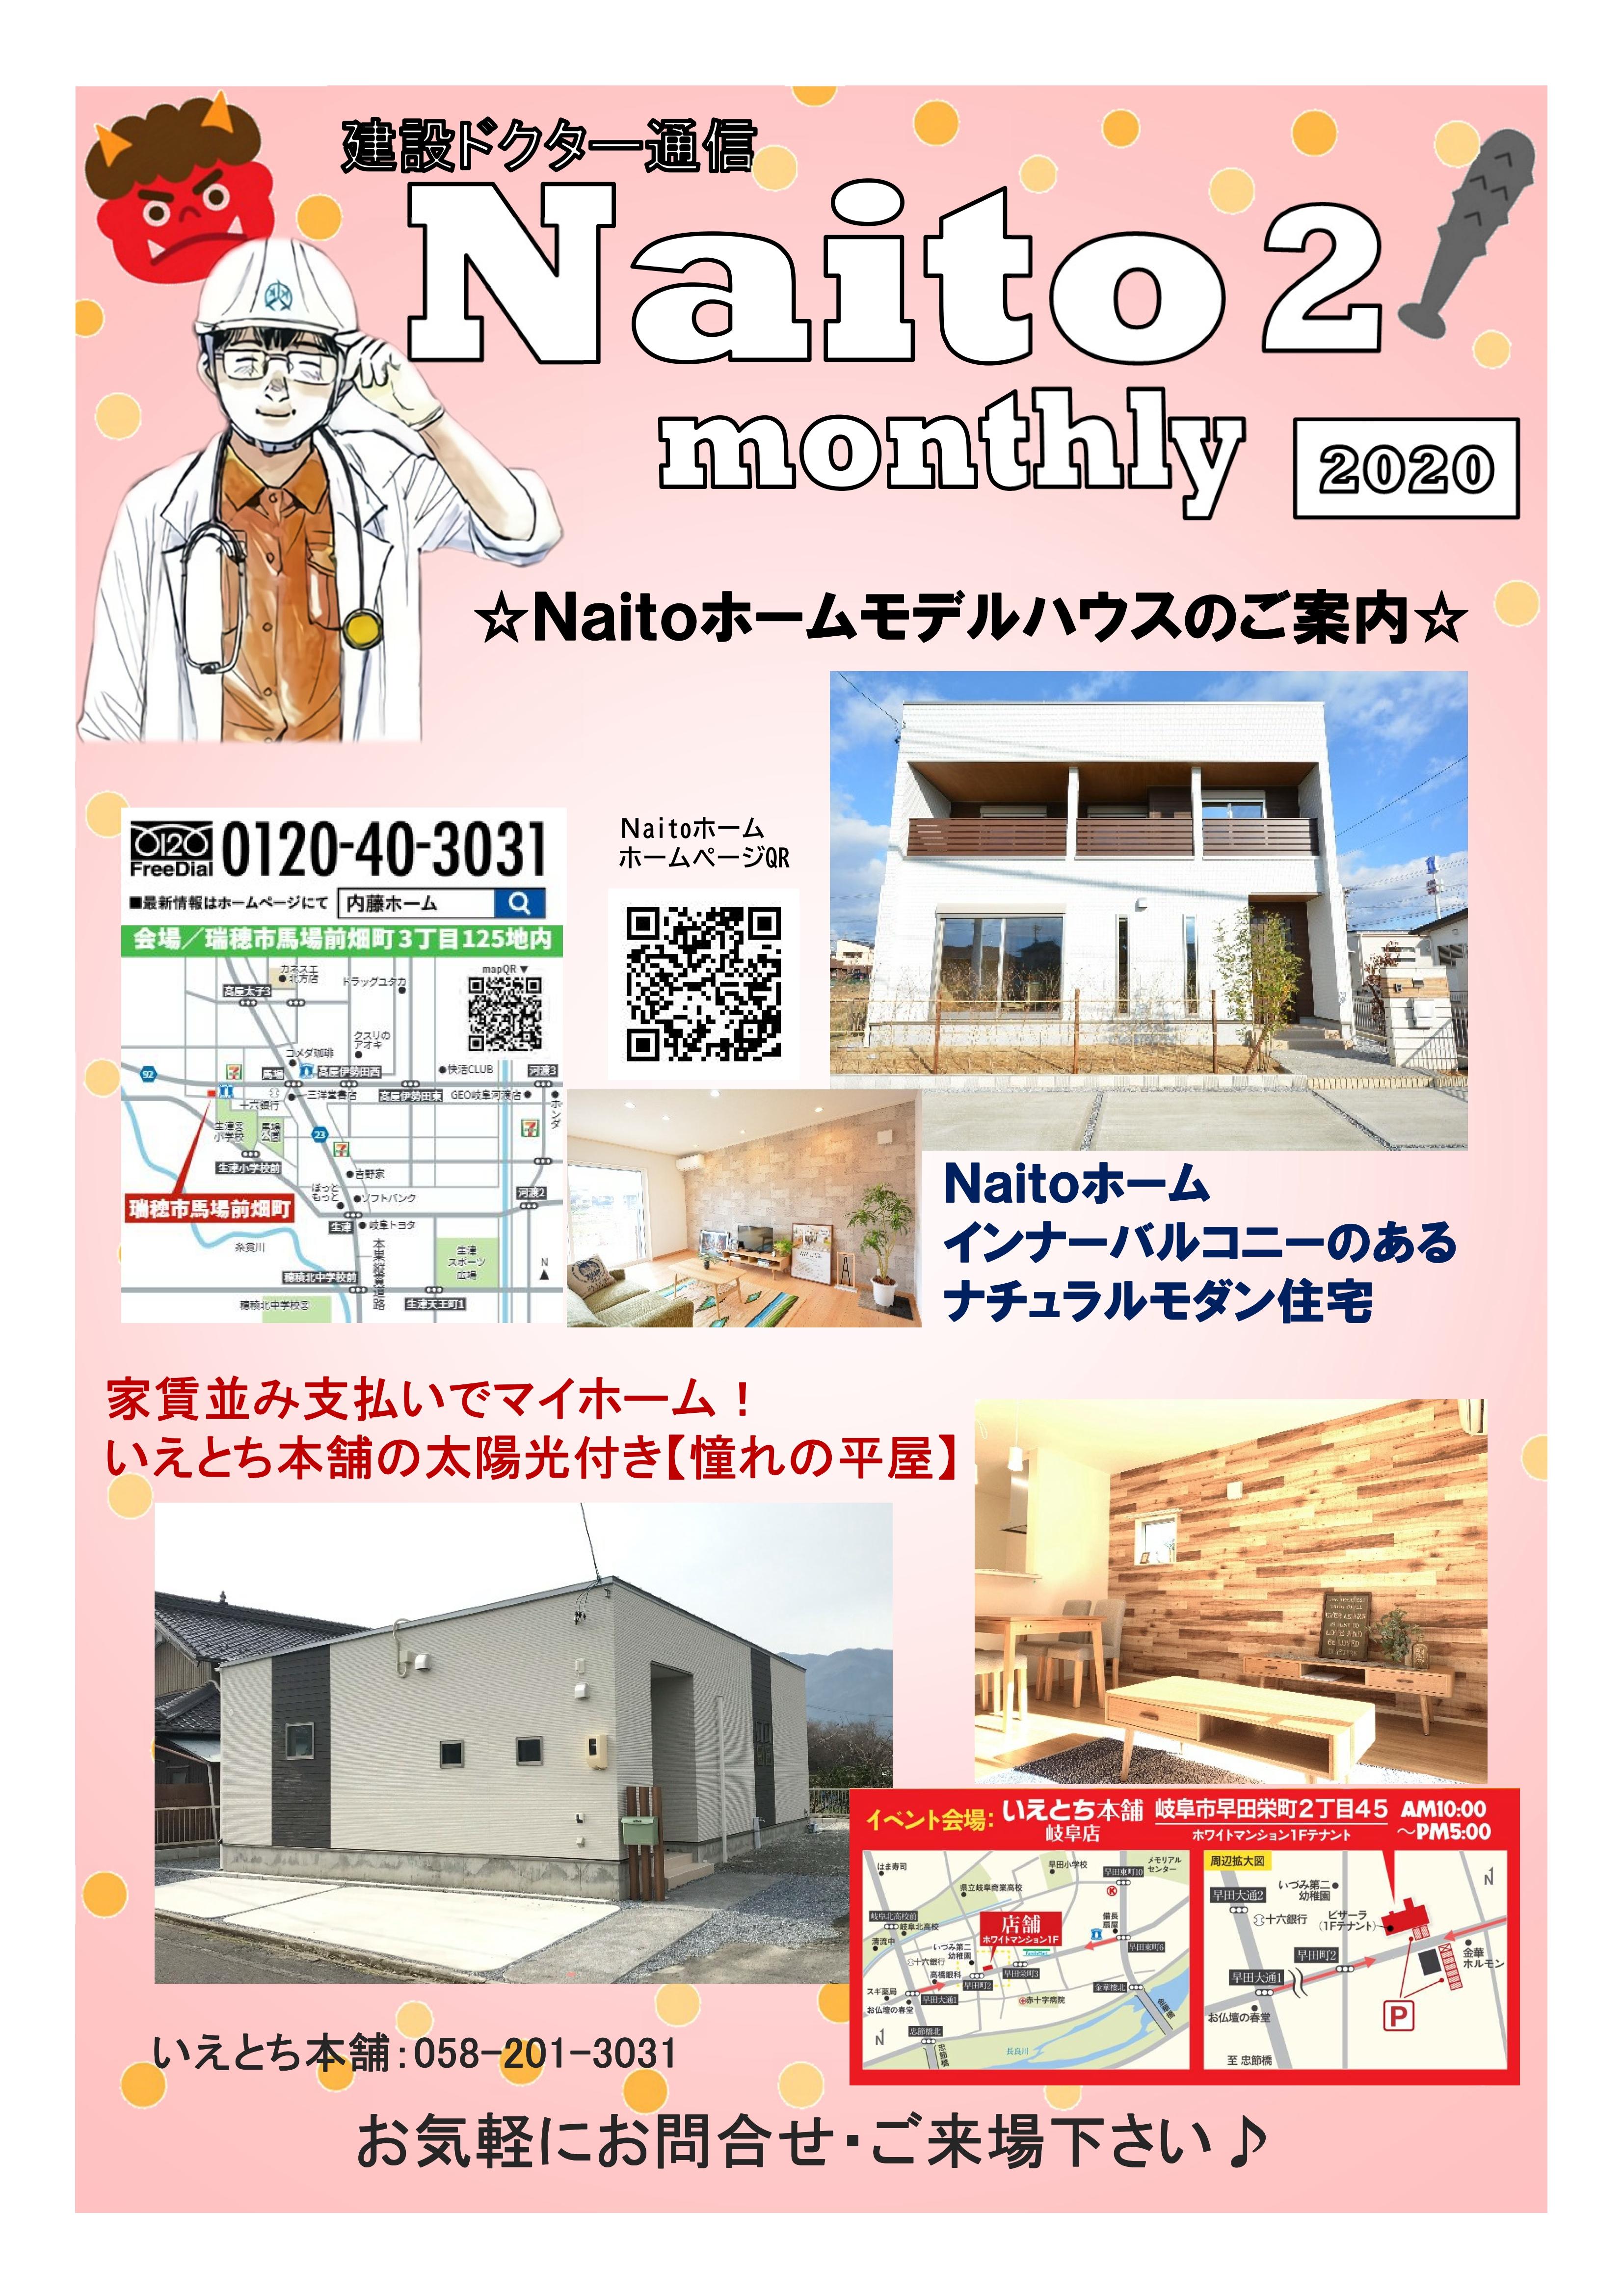 2020年2月報(Naito Monthly)